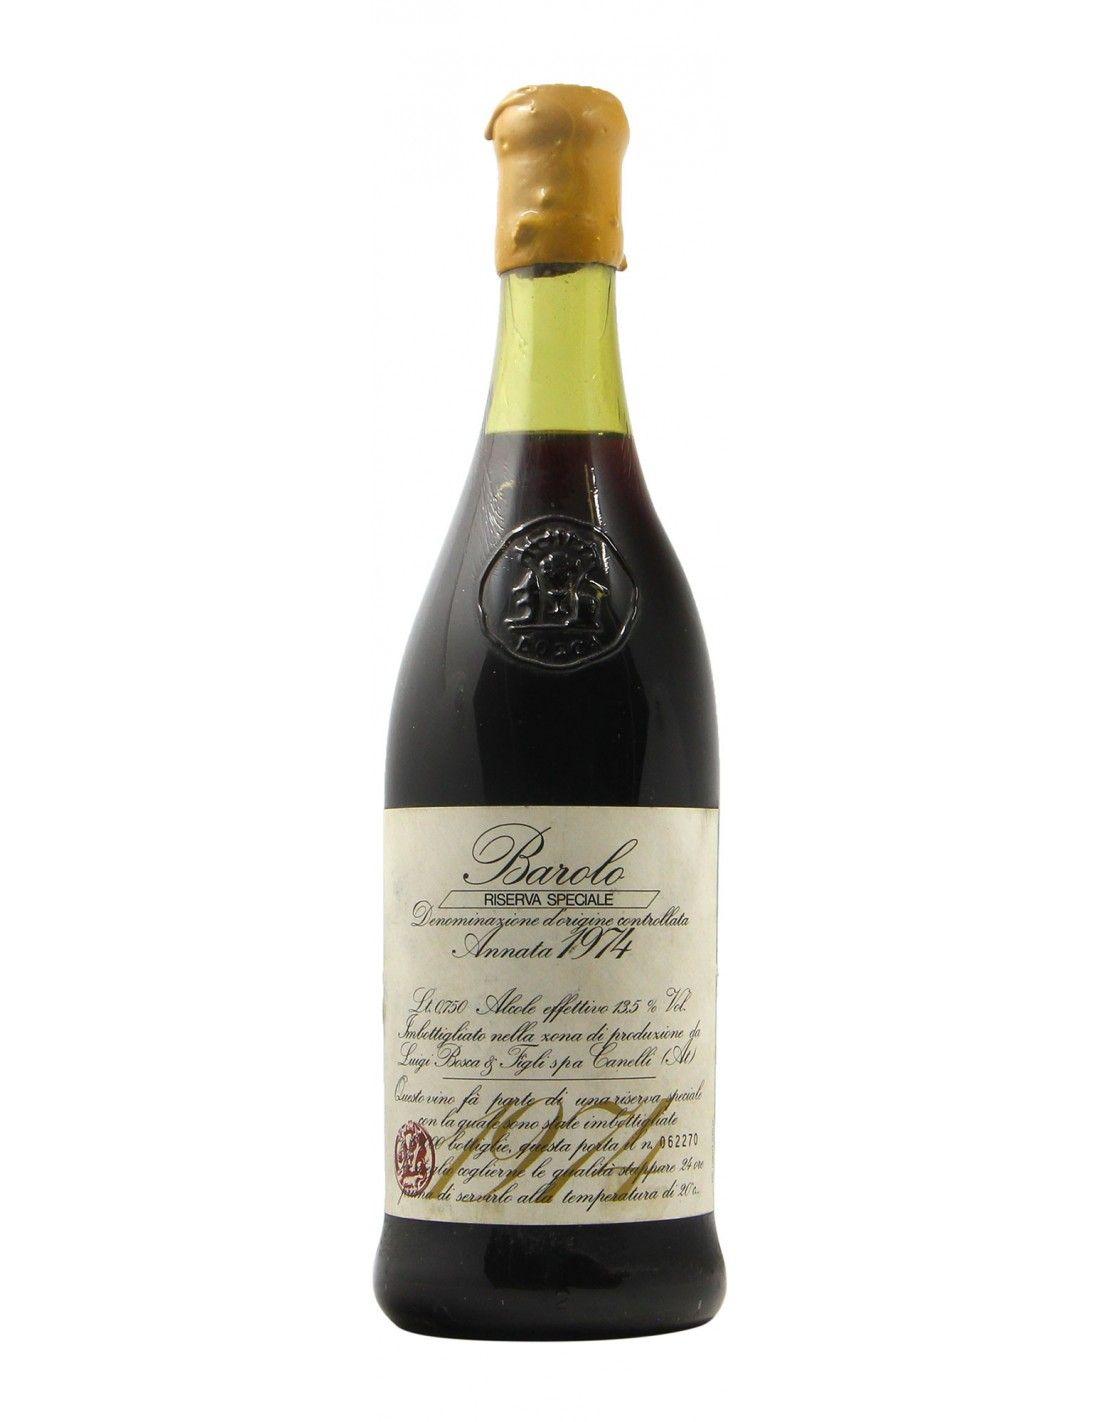 BAROLO RISERVA SPECIALE 1974 LUIGI BOSCA Grandi Bottiglie